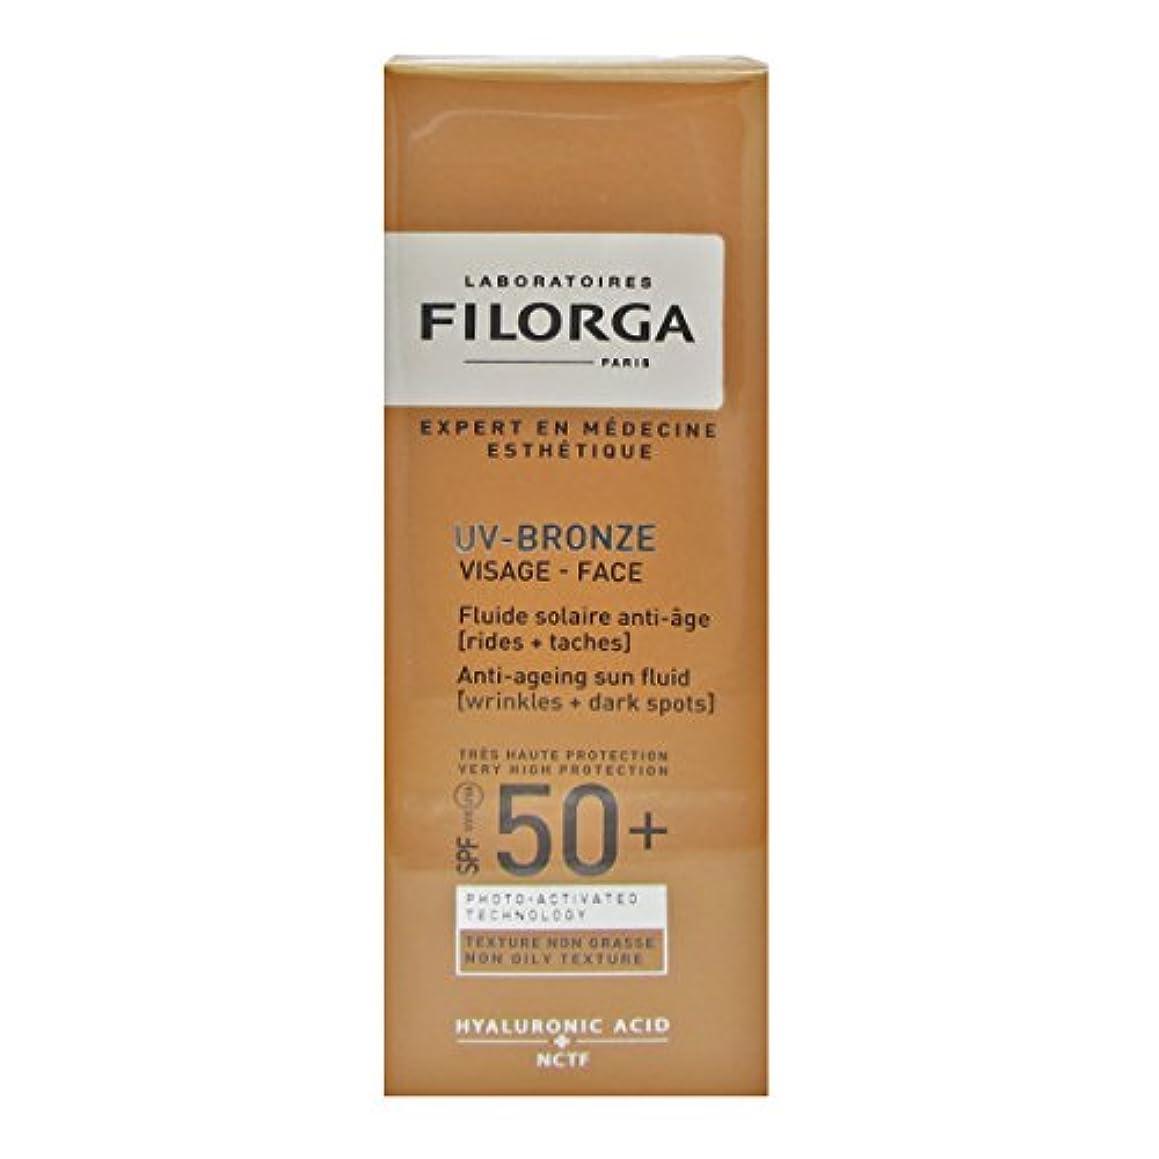 構成する起きている詐欺Filorga Uv-bronze Face Fluid Spf50+ 40ml [並行輸入品]